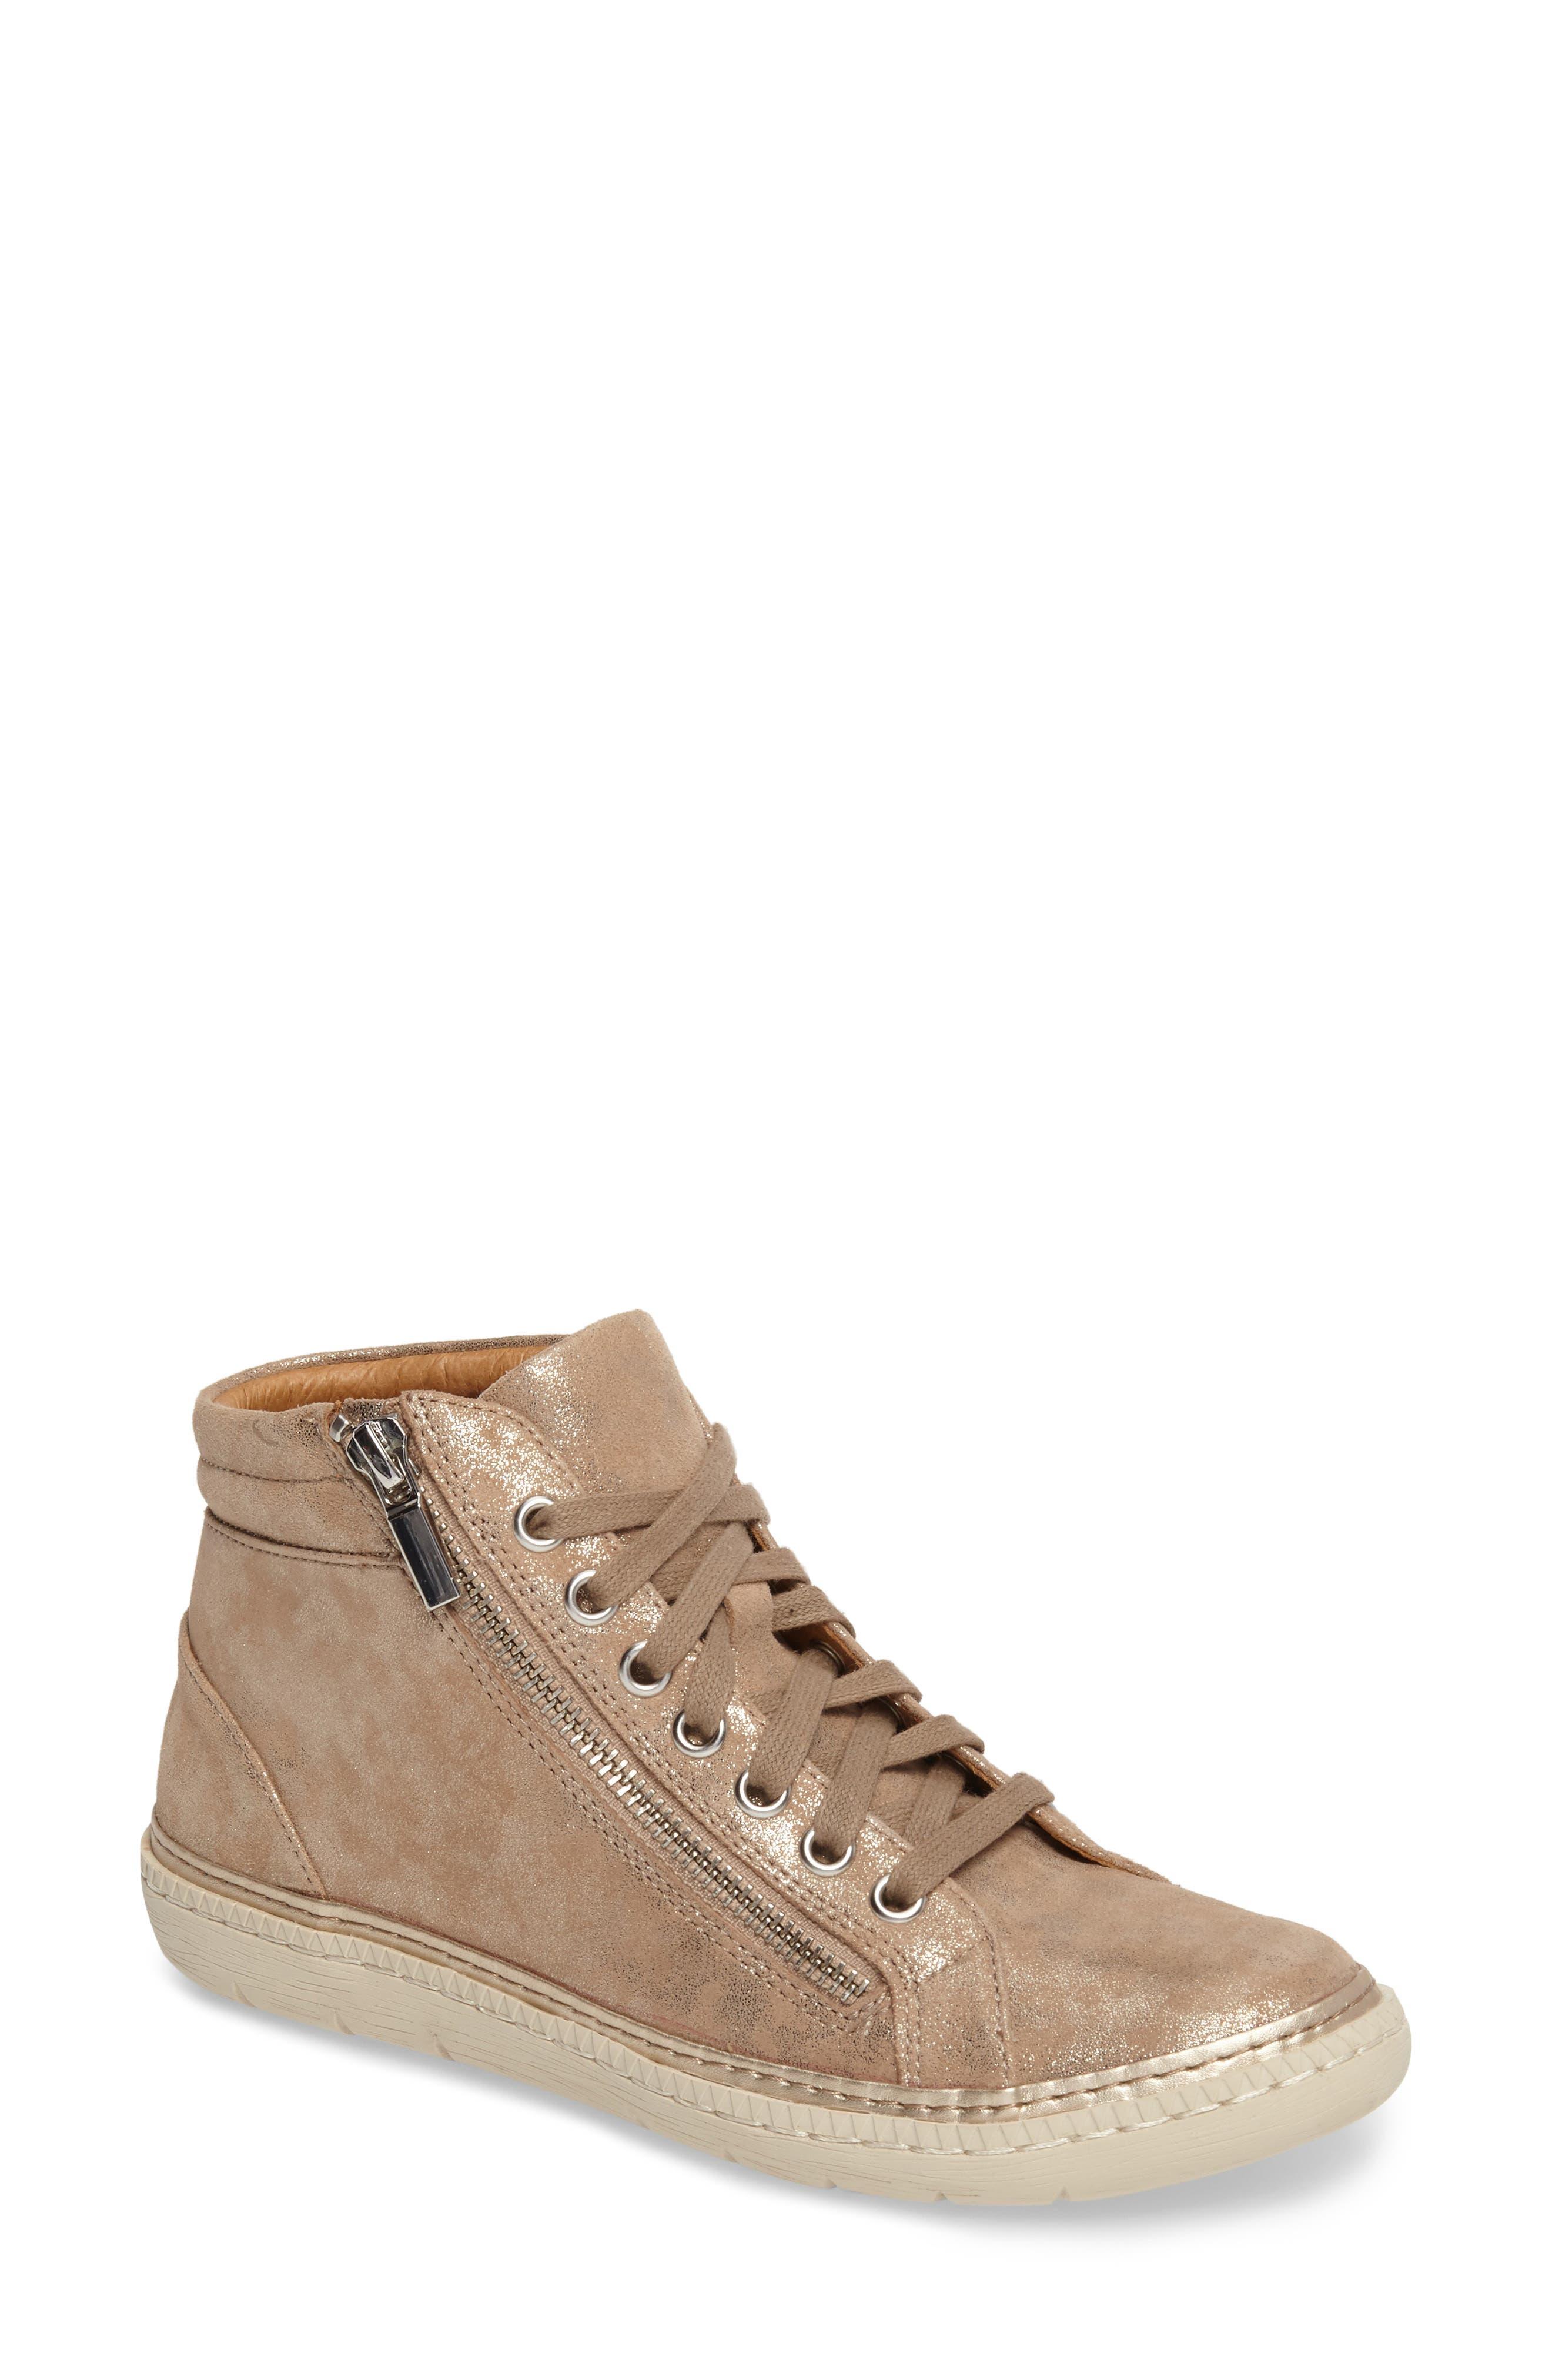 Söfft Annaleigh High Top Sneaker (Women)